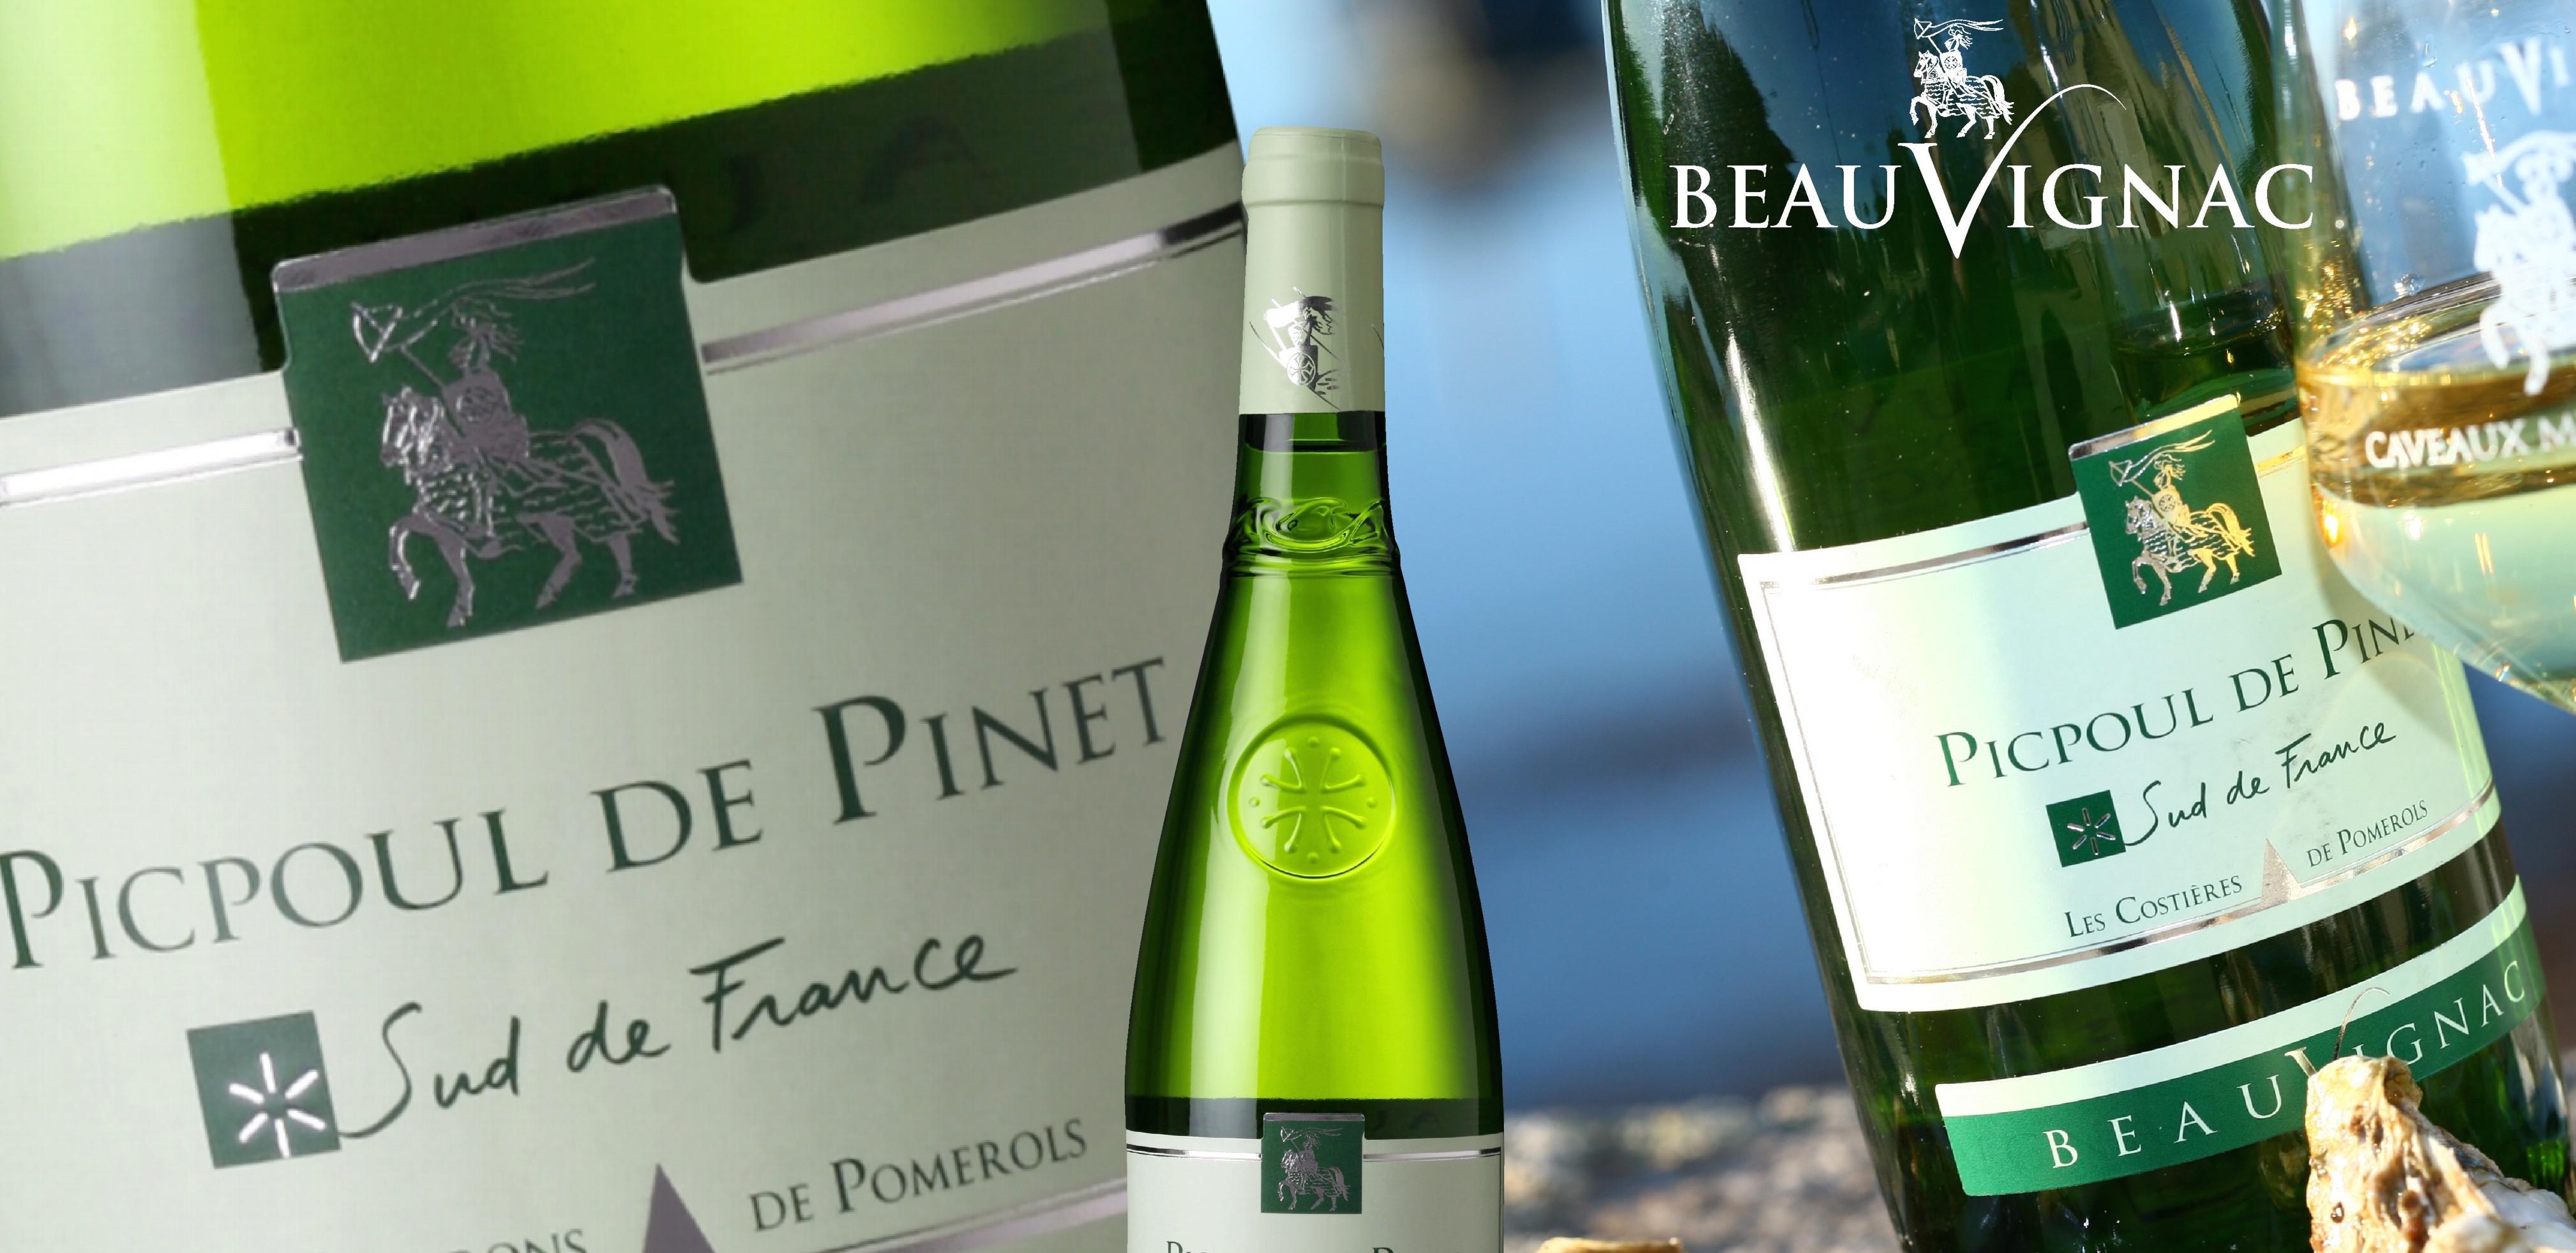 Beauvignac Picpoul de Pinet